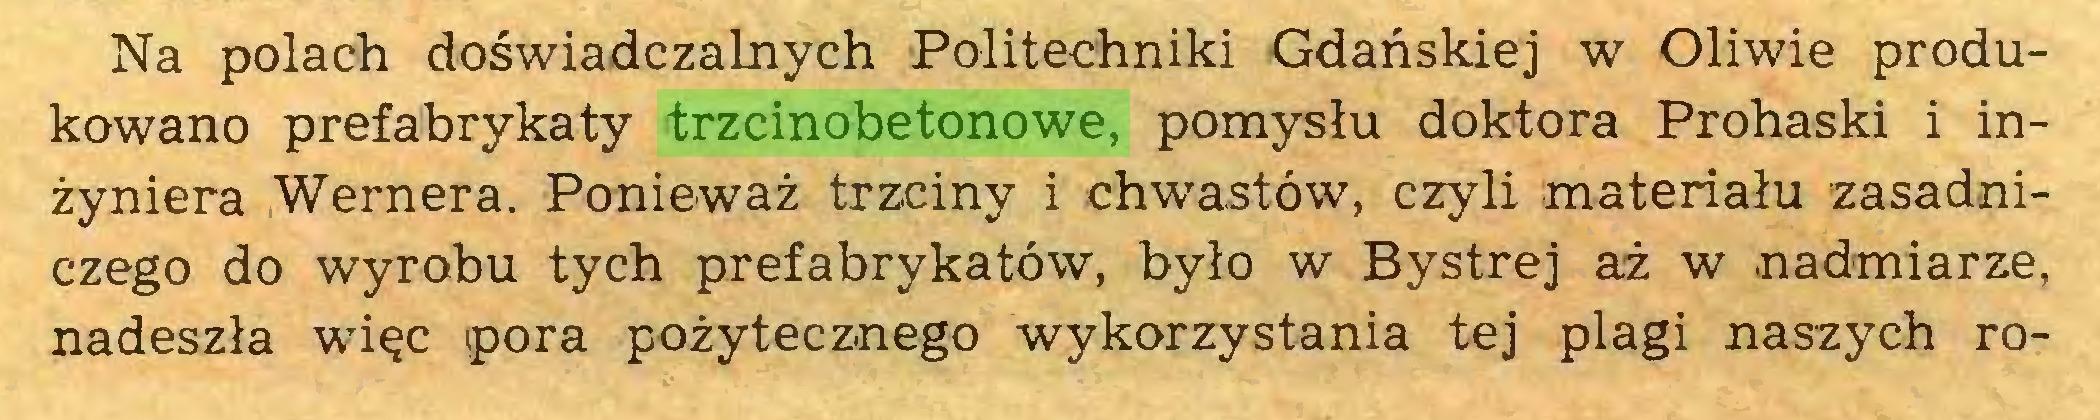 (...) Na polach doswiadczalnych Politechniki Gdanskiej w Oliwie produkowano prefabrykaty trzcinobetonowe, pomyslu doktora Prohaski i inzyniera Wernera. Poniewaz trzciny i chwastöw, czyli materialu zasadniczego do wyrobu tych prefabrykatöw, bylo w Bystrej az w nadmiarze, nadeszla wiec pora pozytecznego wykorzystania tej plagi naszych ro...